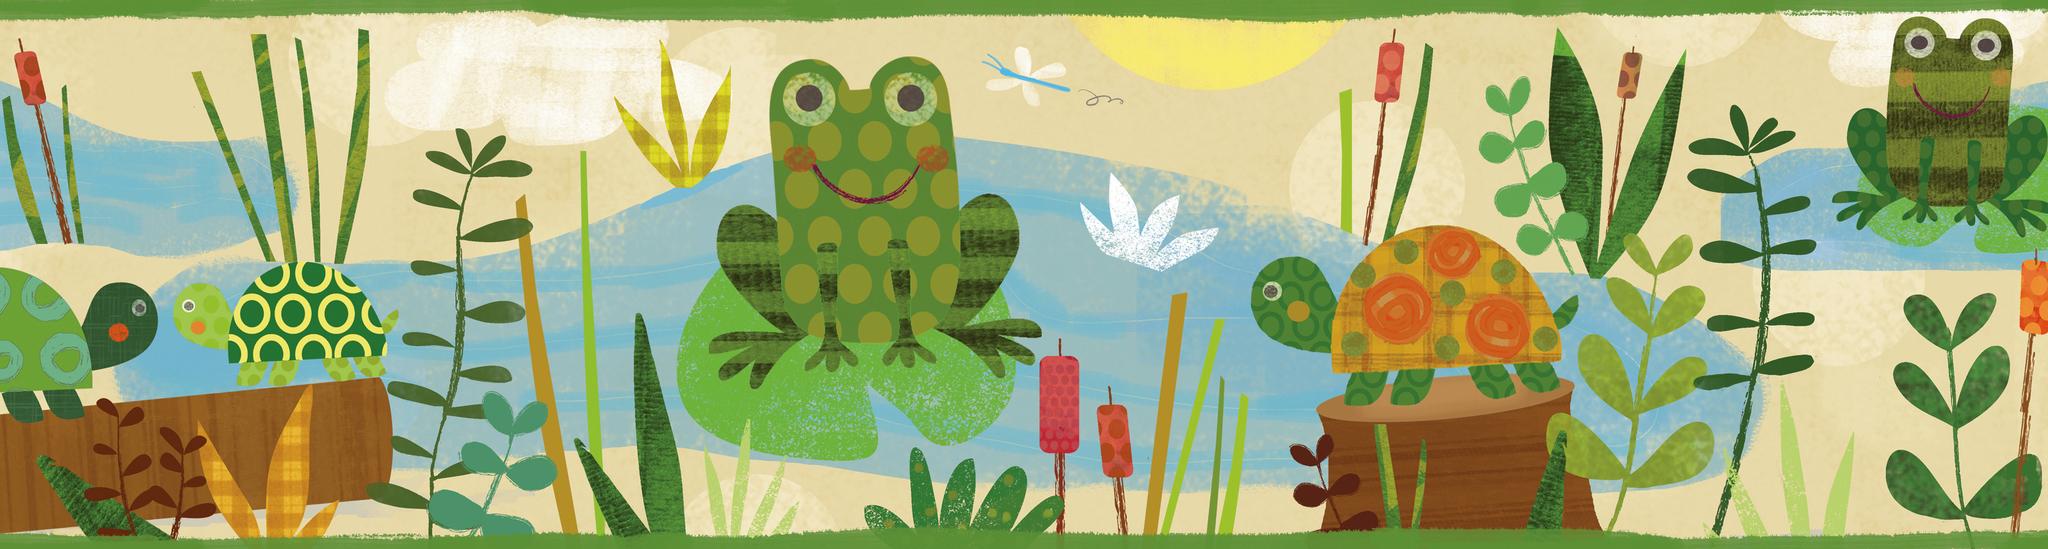 Бордюр Chesapeake Totally for Kids TOT46331B, интернет магазин Волео